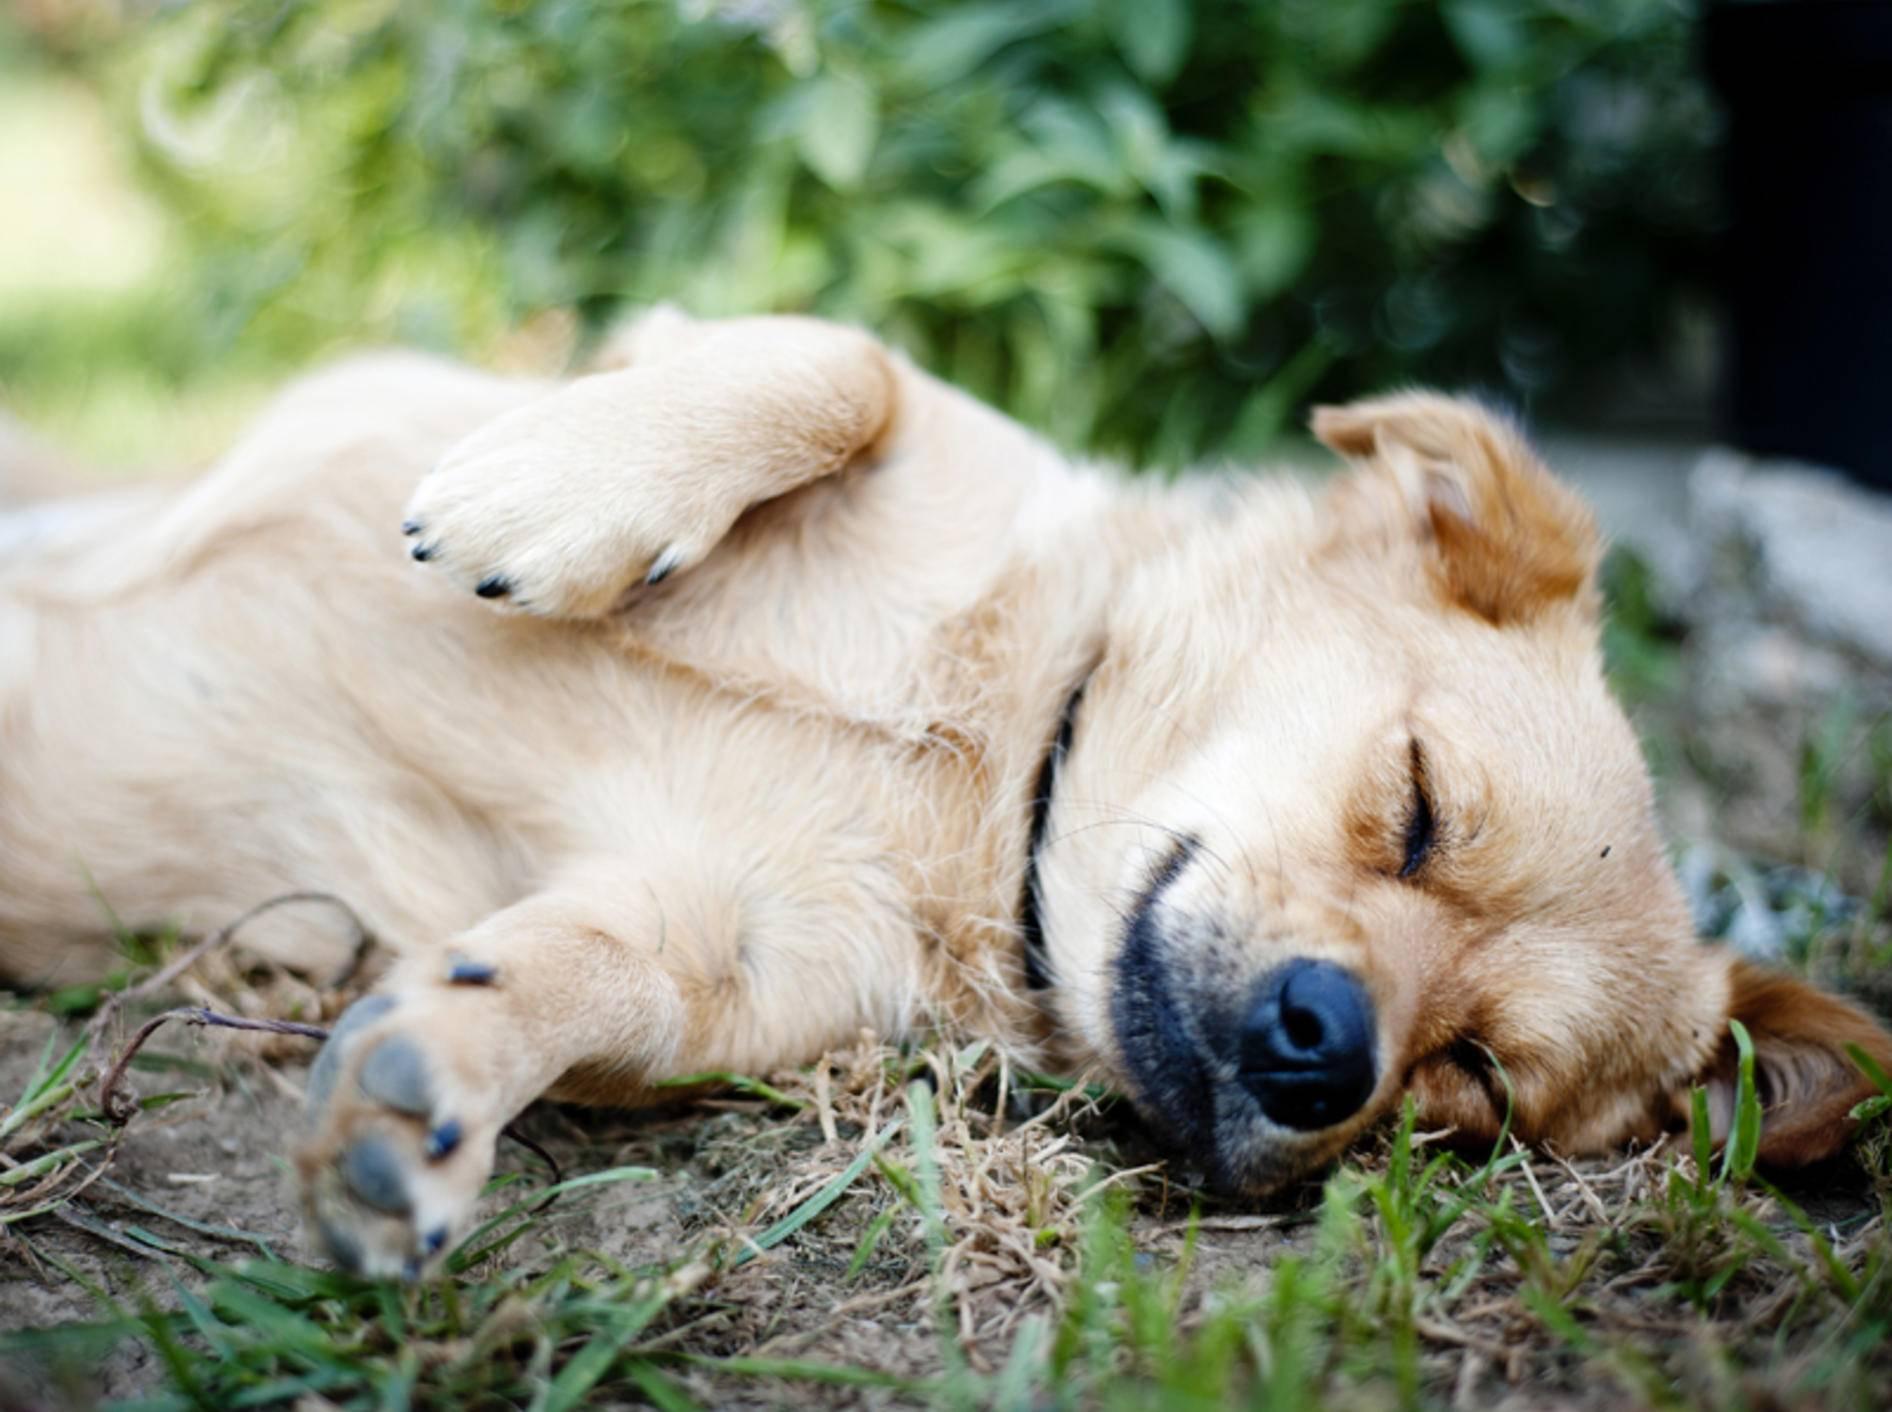 Gegen Langeweile bei Hunde gibt es einige Tipps – Bild: Shutterstock / Halfpoint